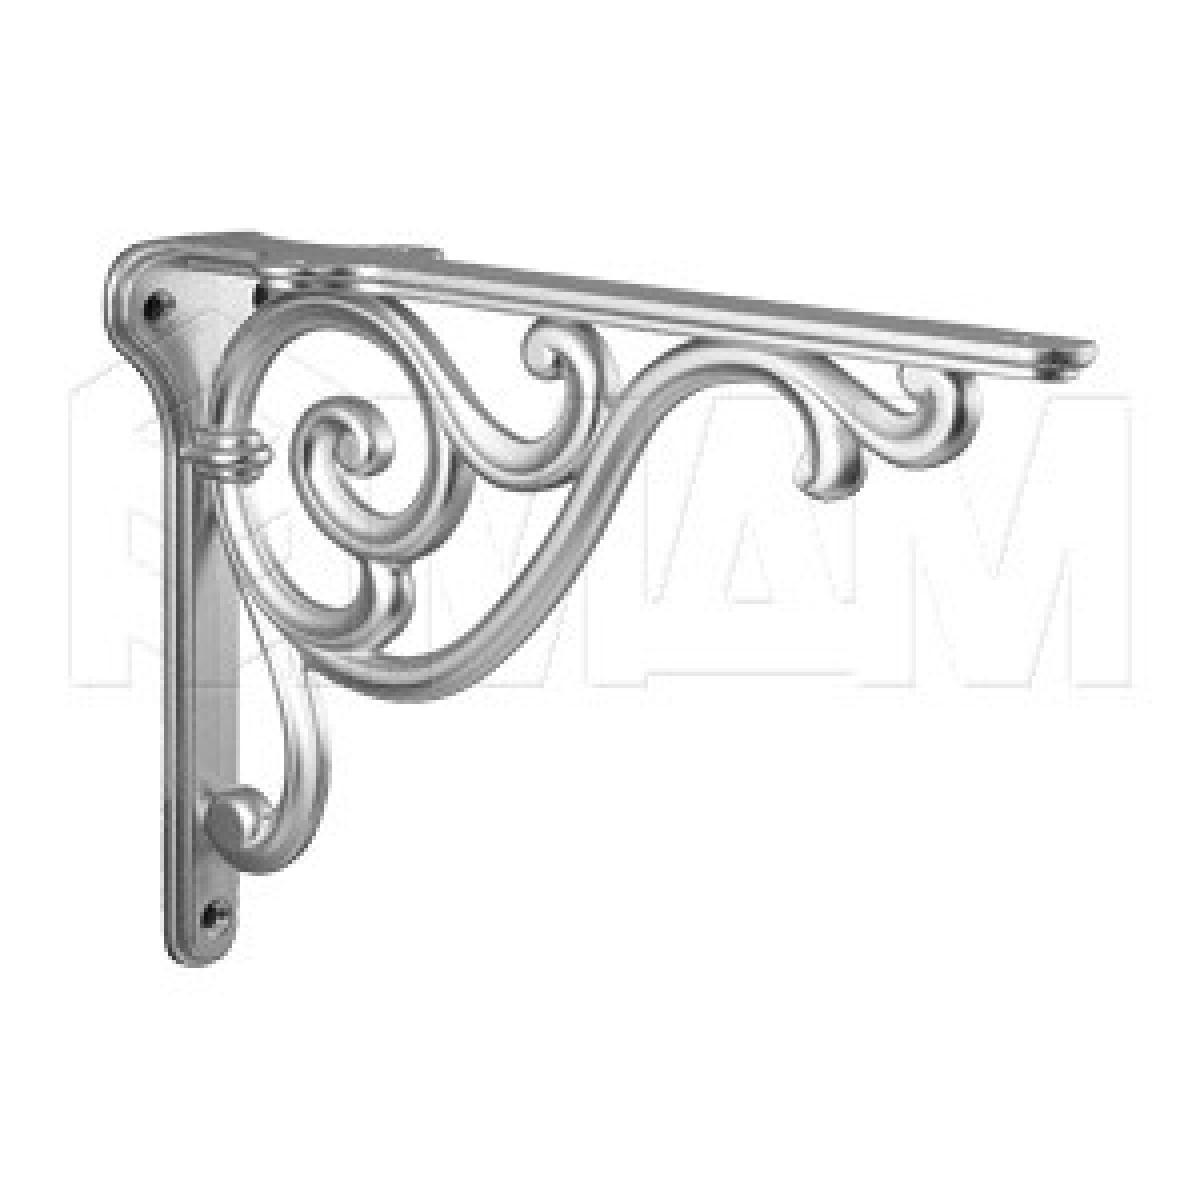 ROME Менсолодержатель для деревянных полок L-200 мм, серебро Ноттингем